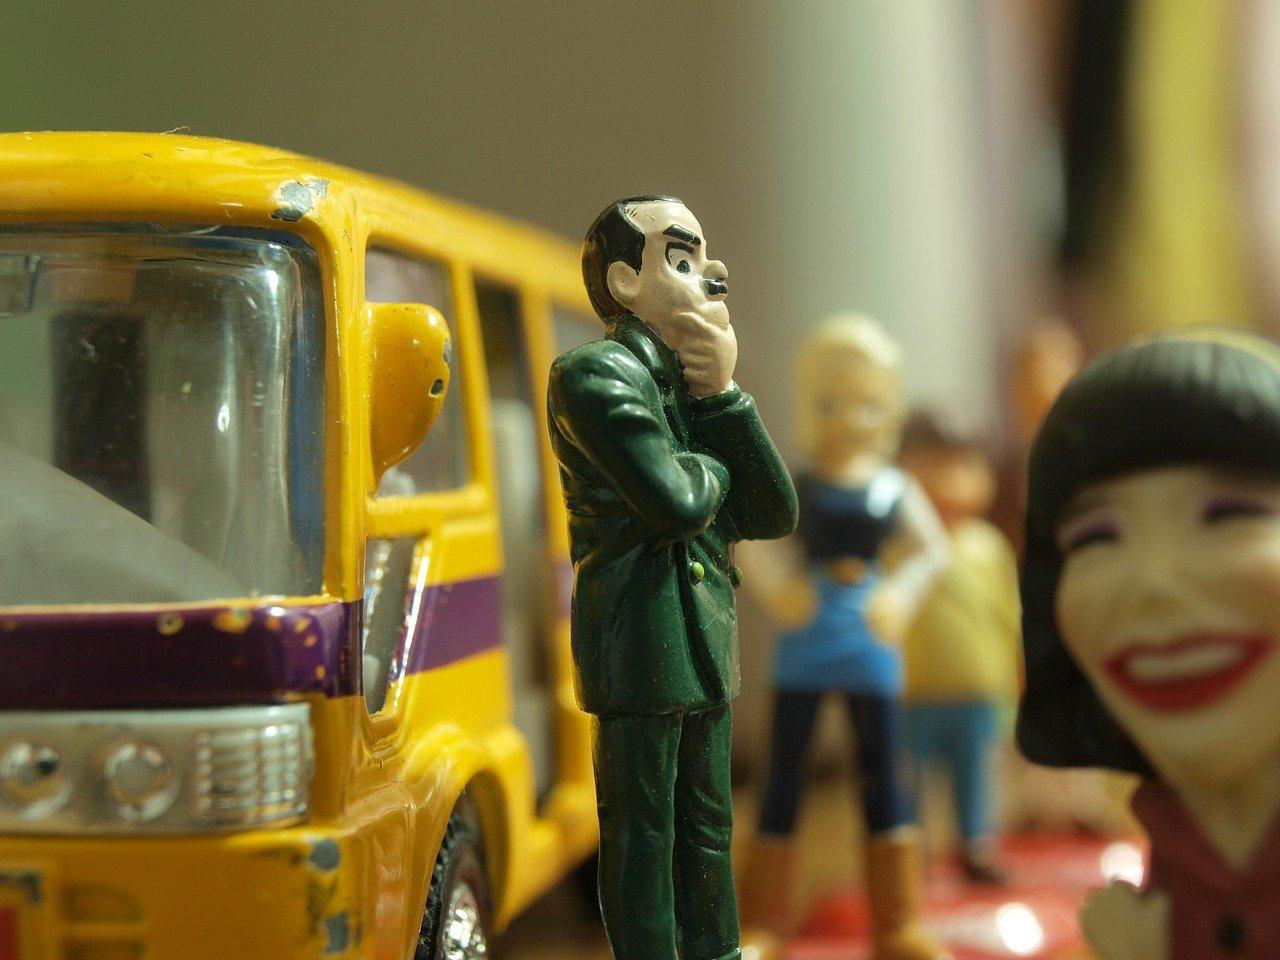 Personajes internos que puedes encontrar en un autobus